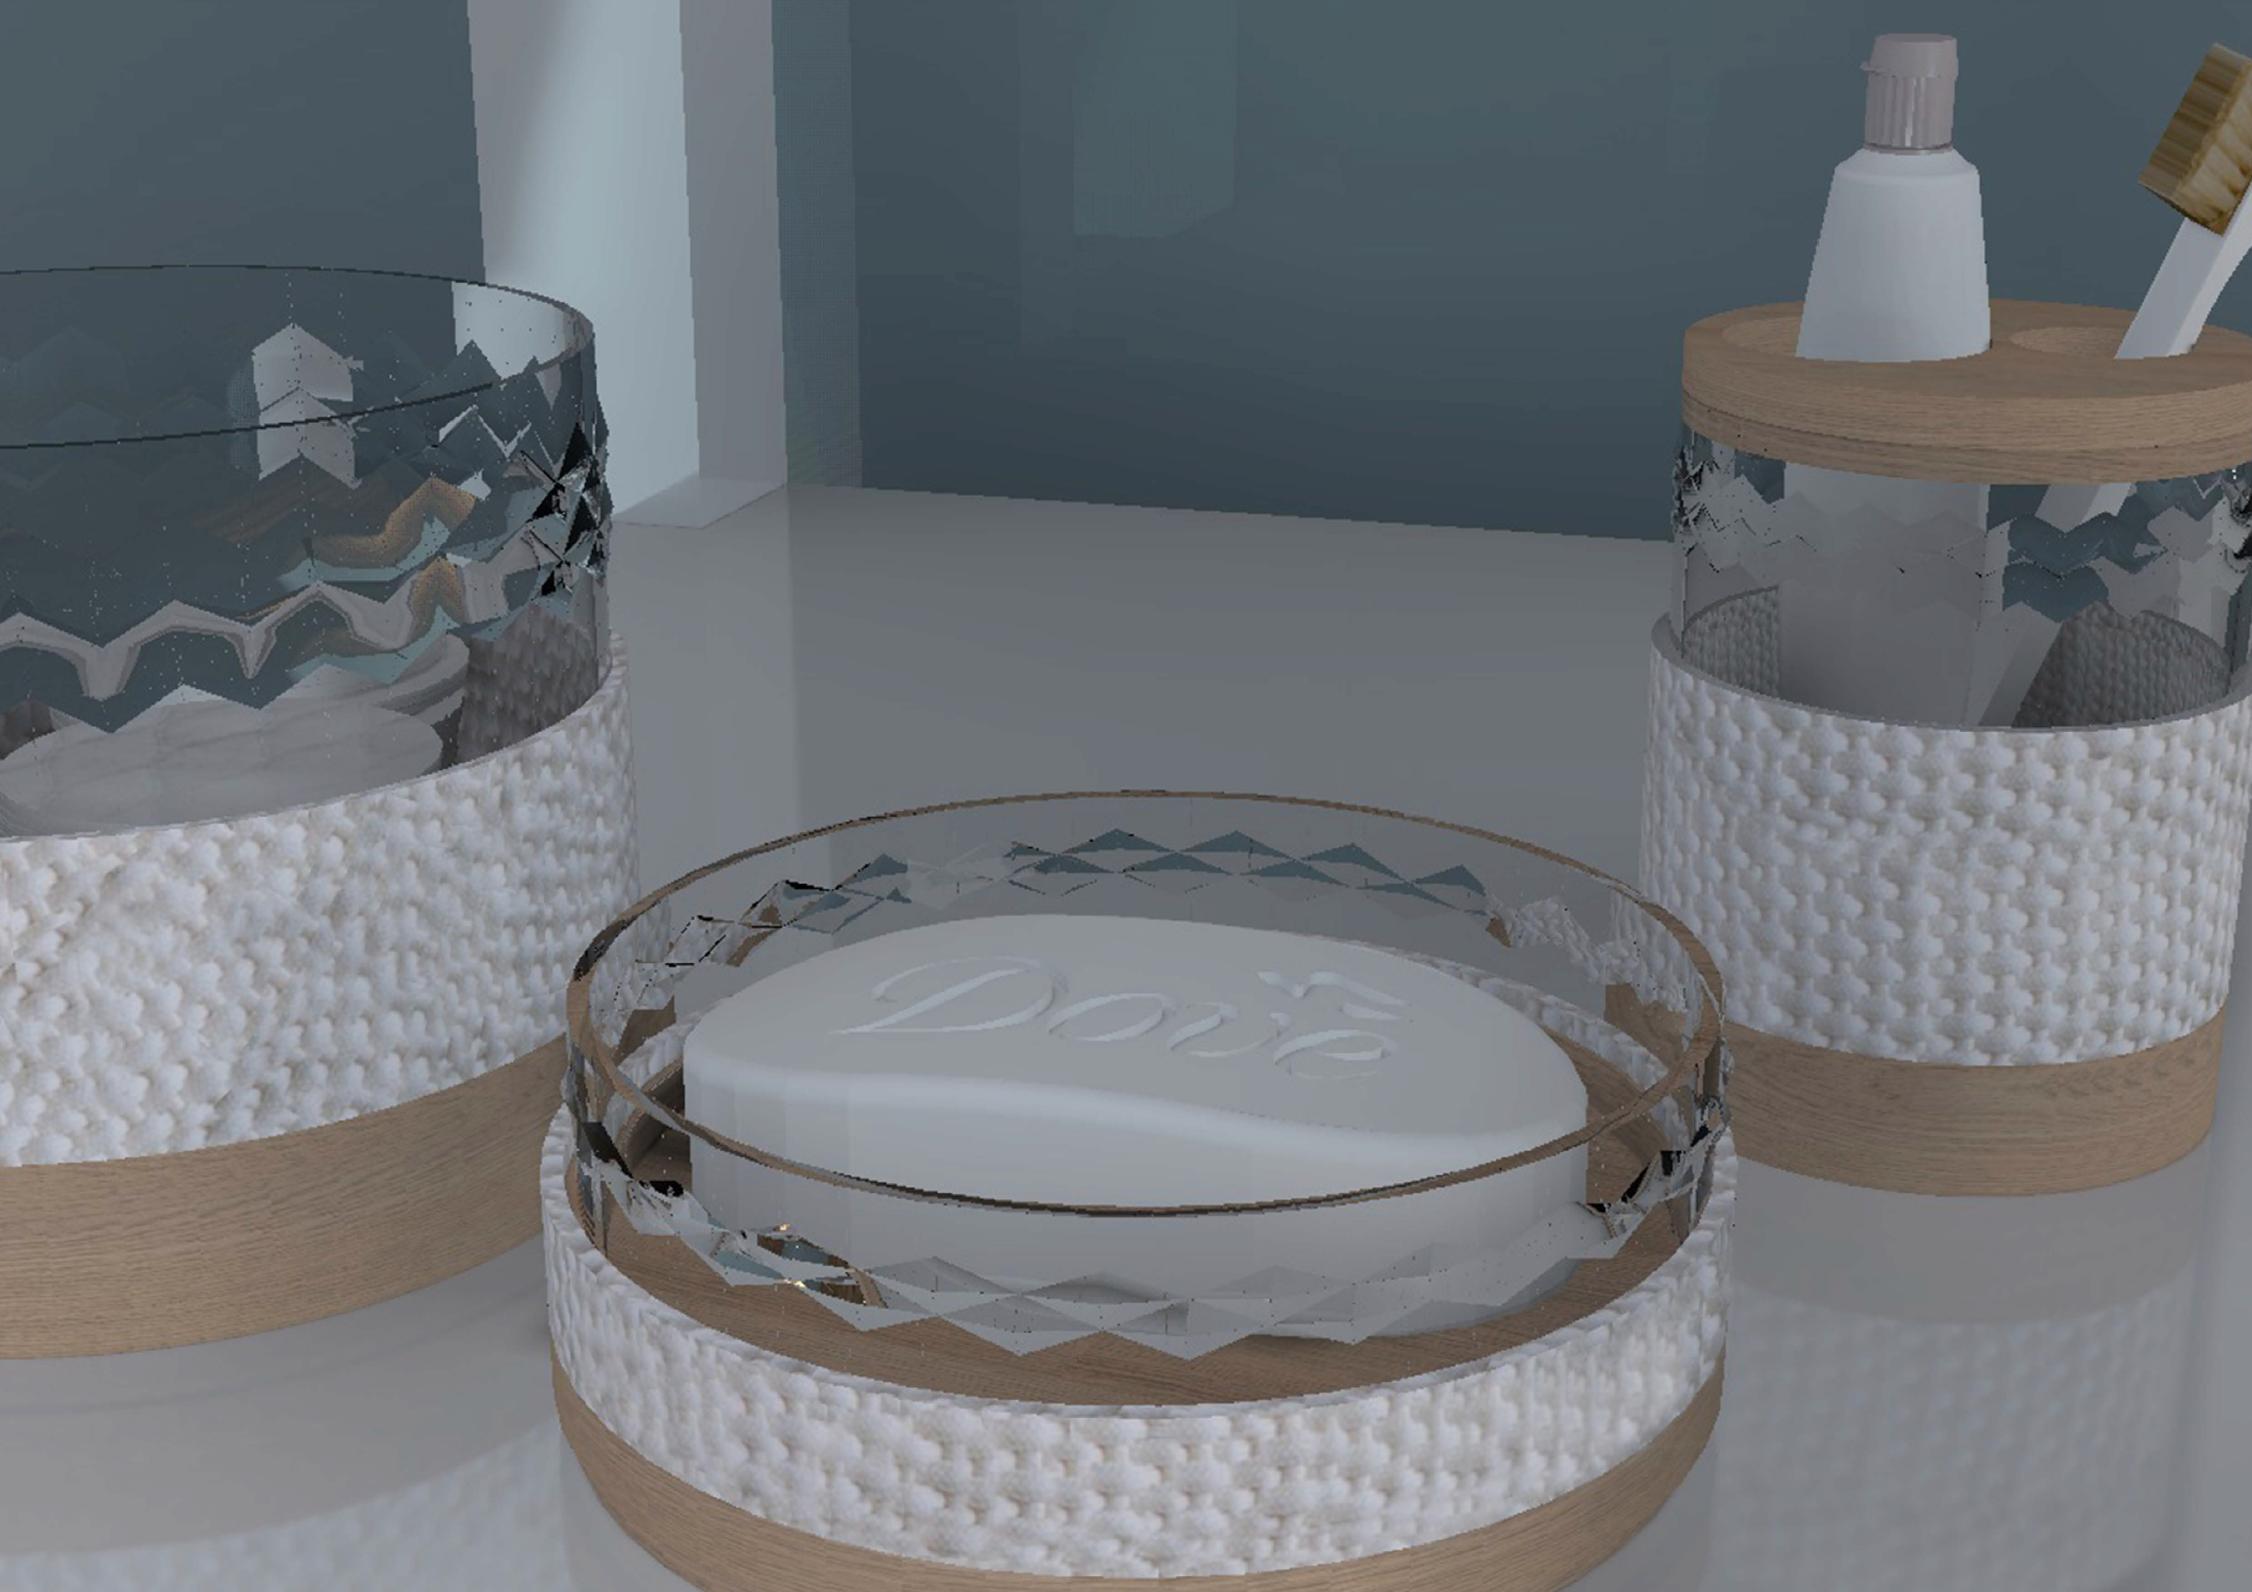 Design objet mon cocon vue éléménts de sdb l'Atelier d'Elisa